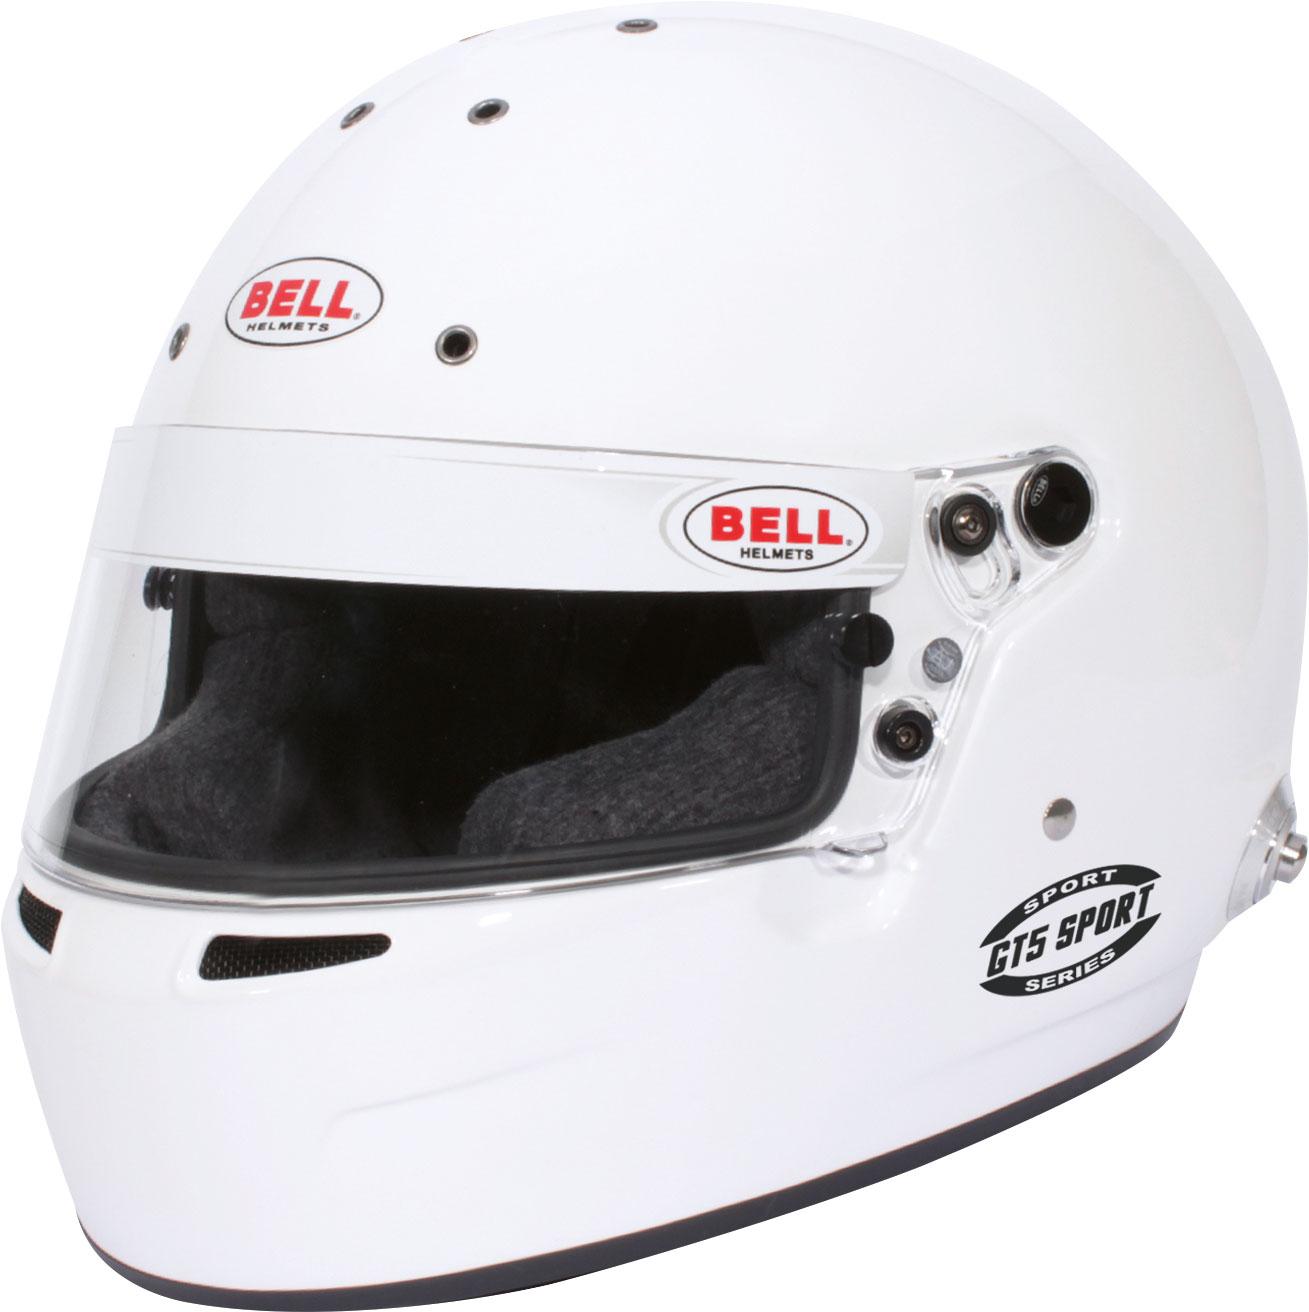 BELL Helm GT5 Sport